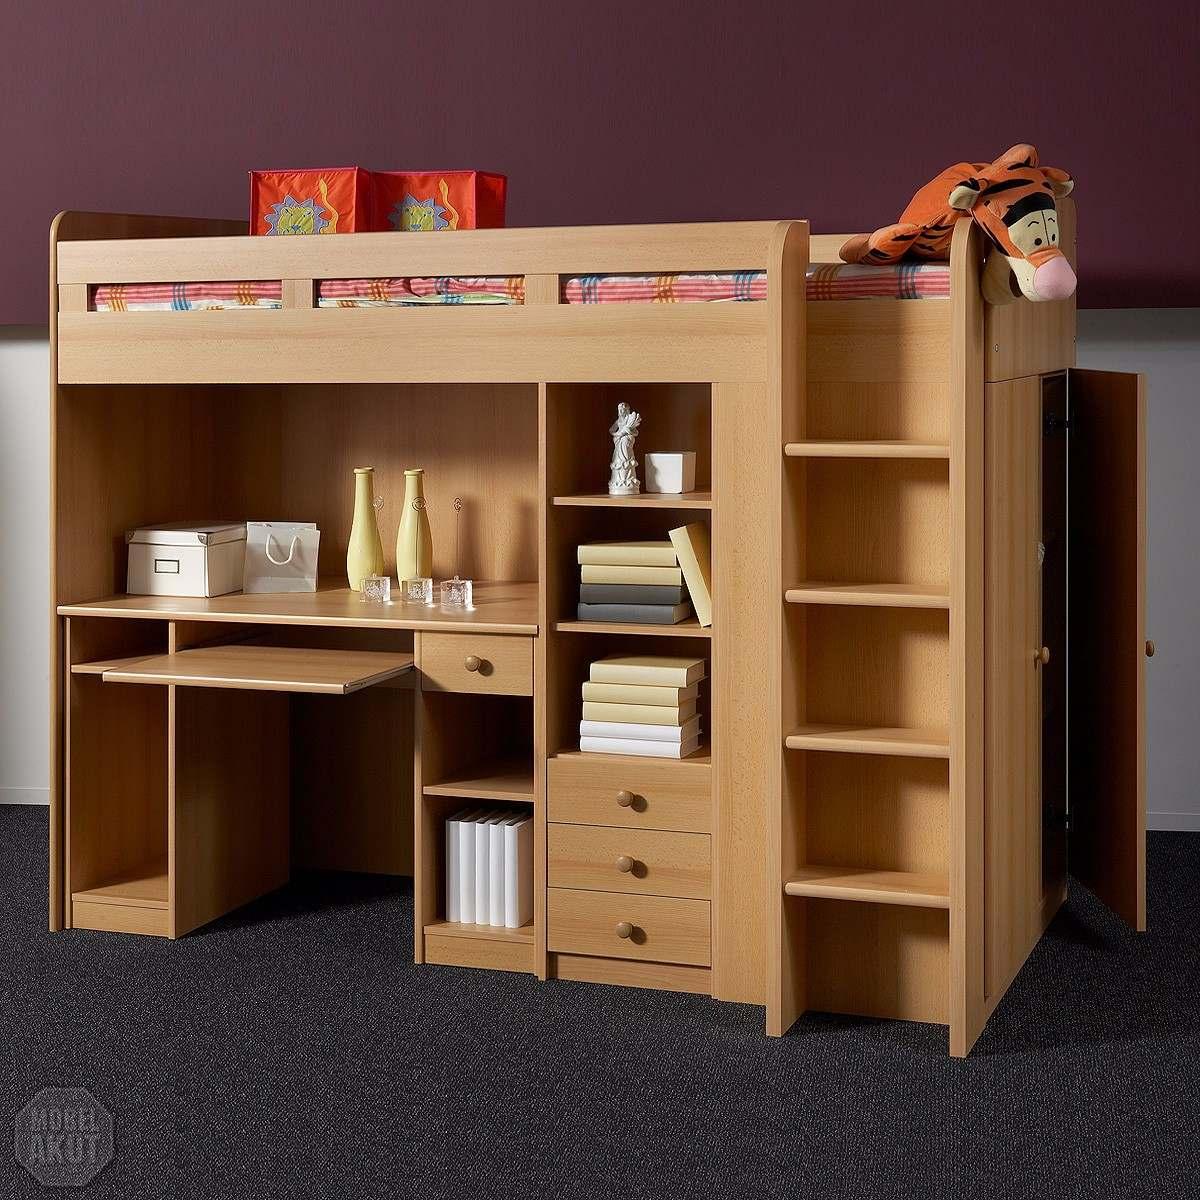 Cama con escritorio debajo cama y armario escritorio alta for Camas con cajones debajo